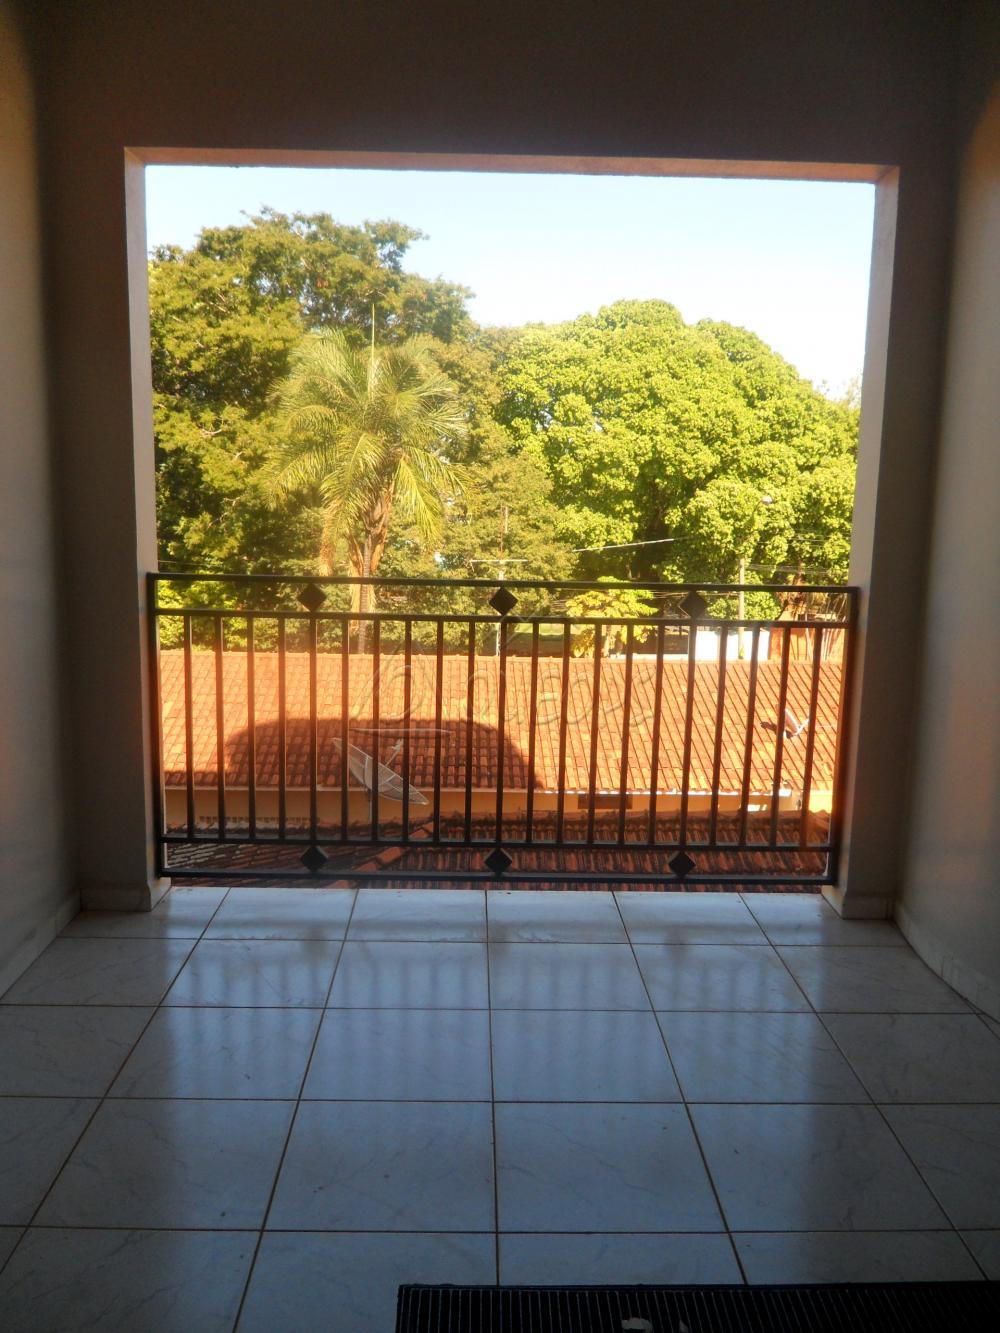 Comprar Apartamento / Padrão em Barretos apenas R$ 680.000,00 - Foto 11